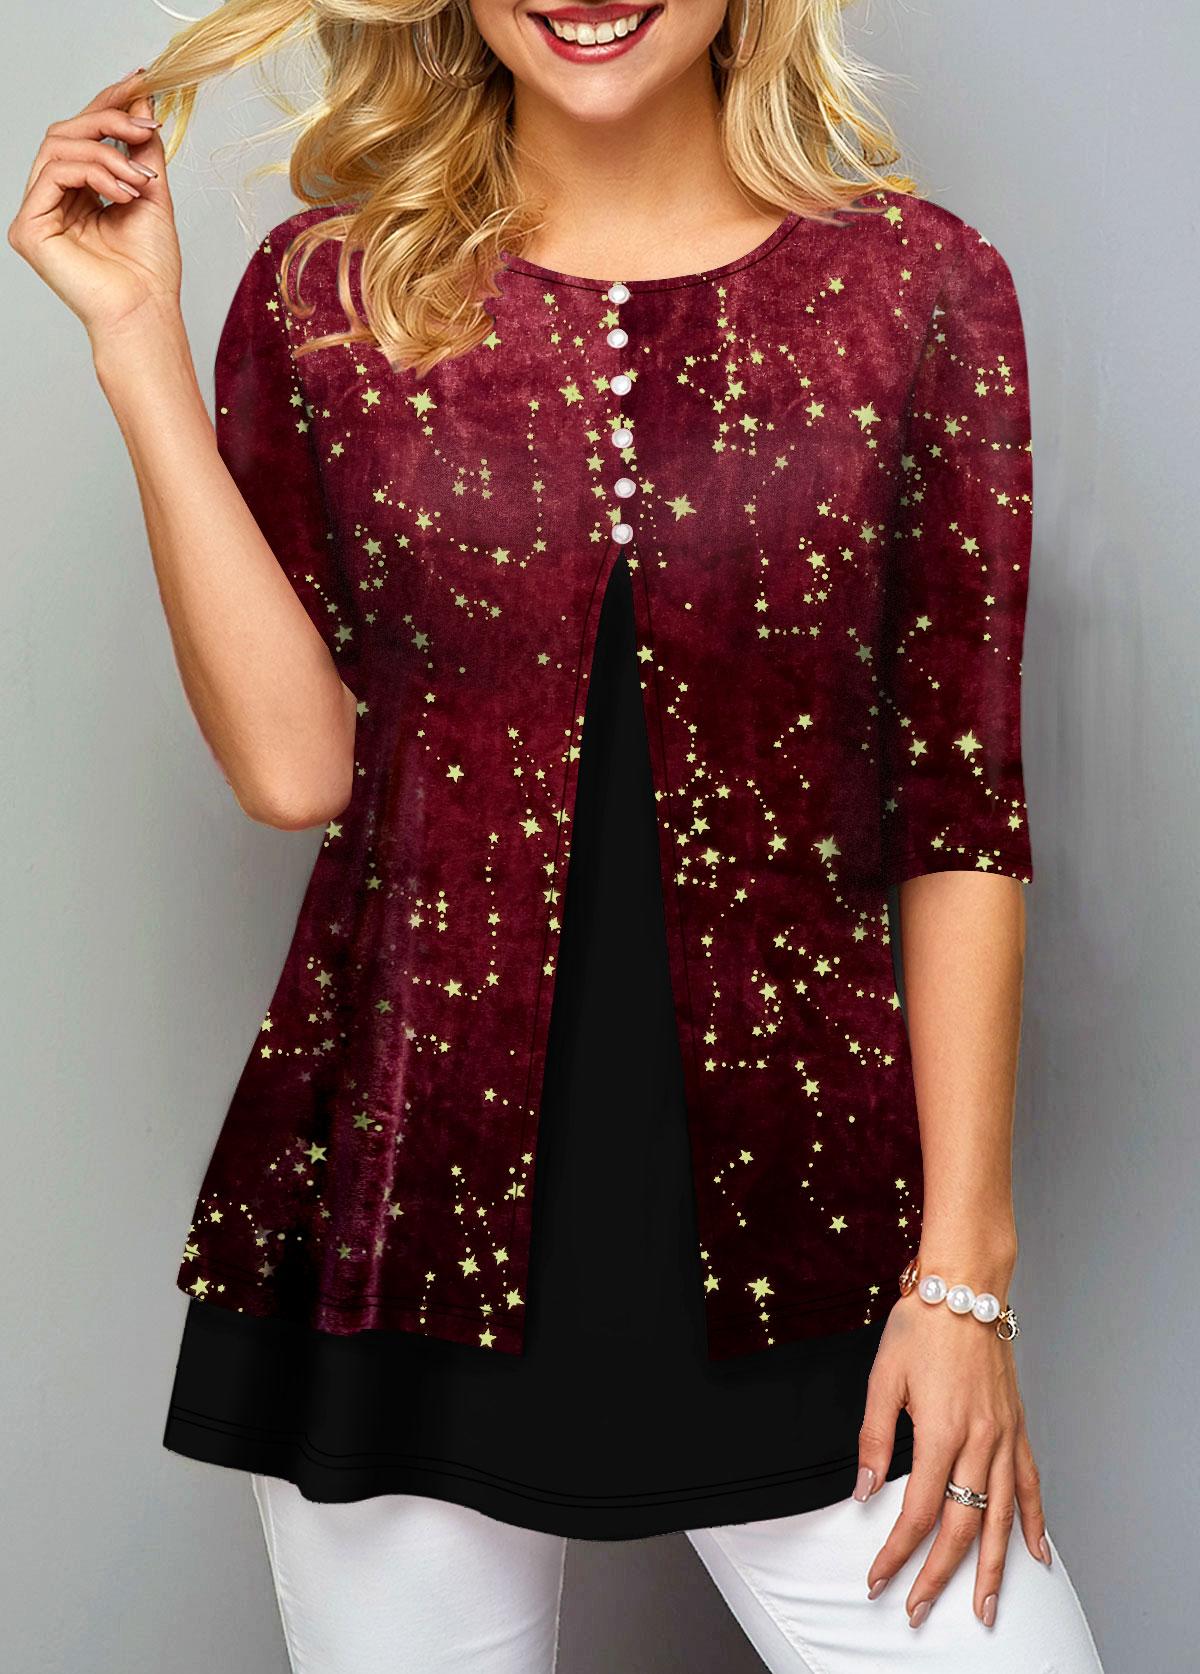 ROTITA Hot Stamping Half Sleeve Round Neck T Shirt